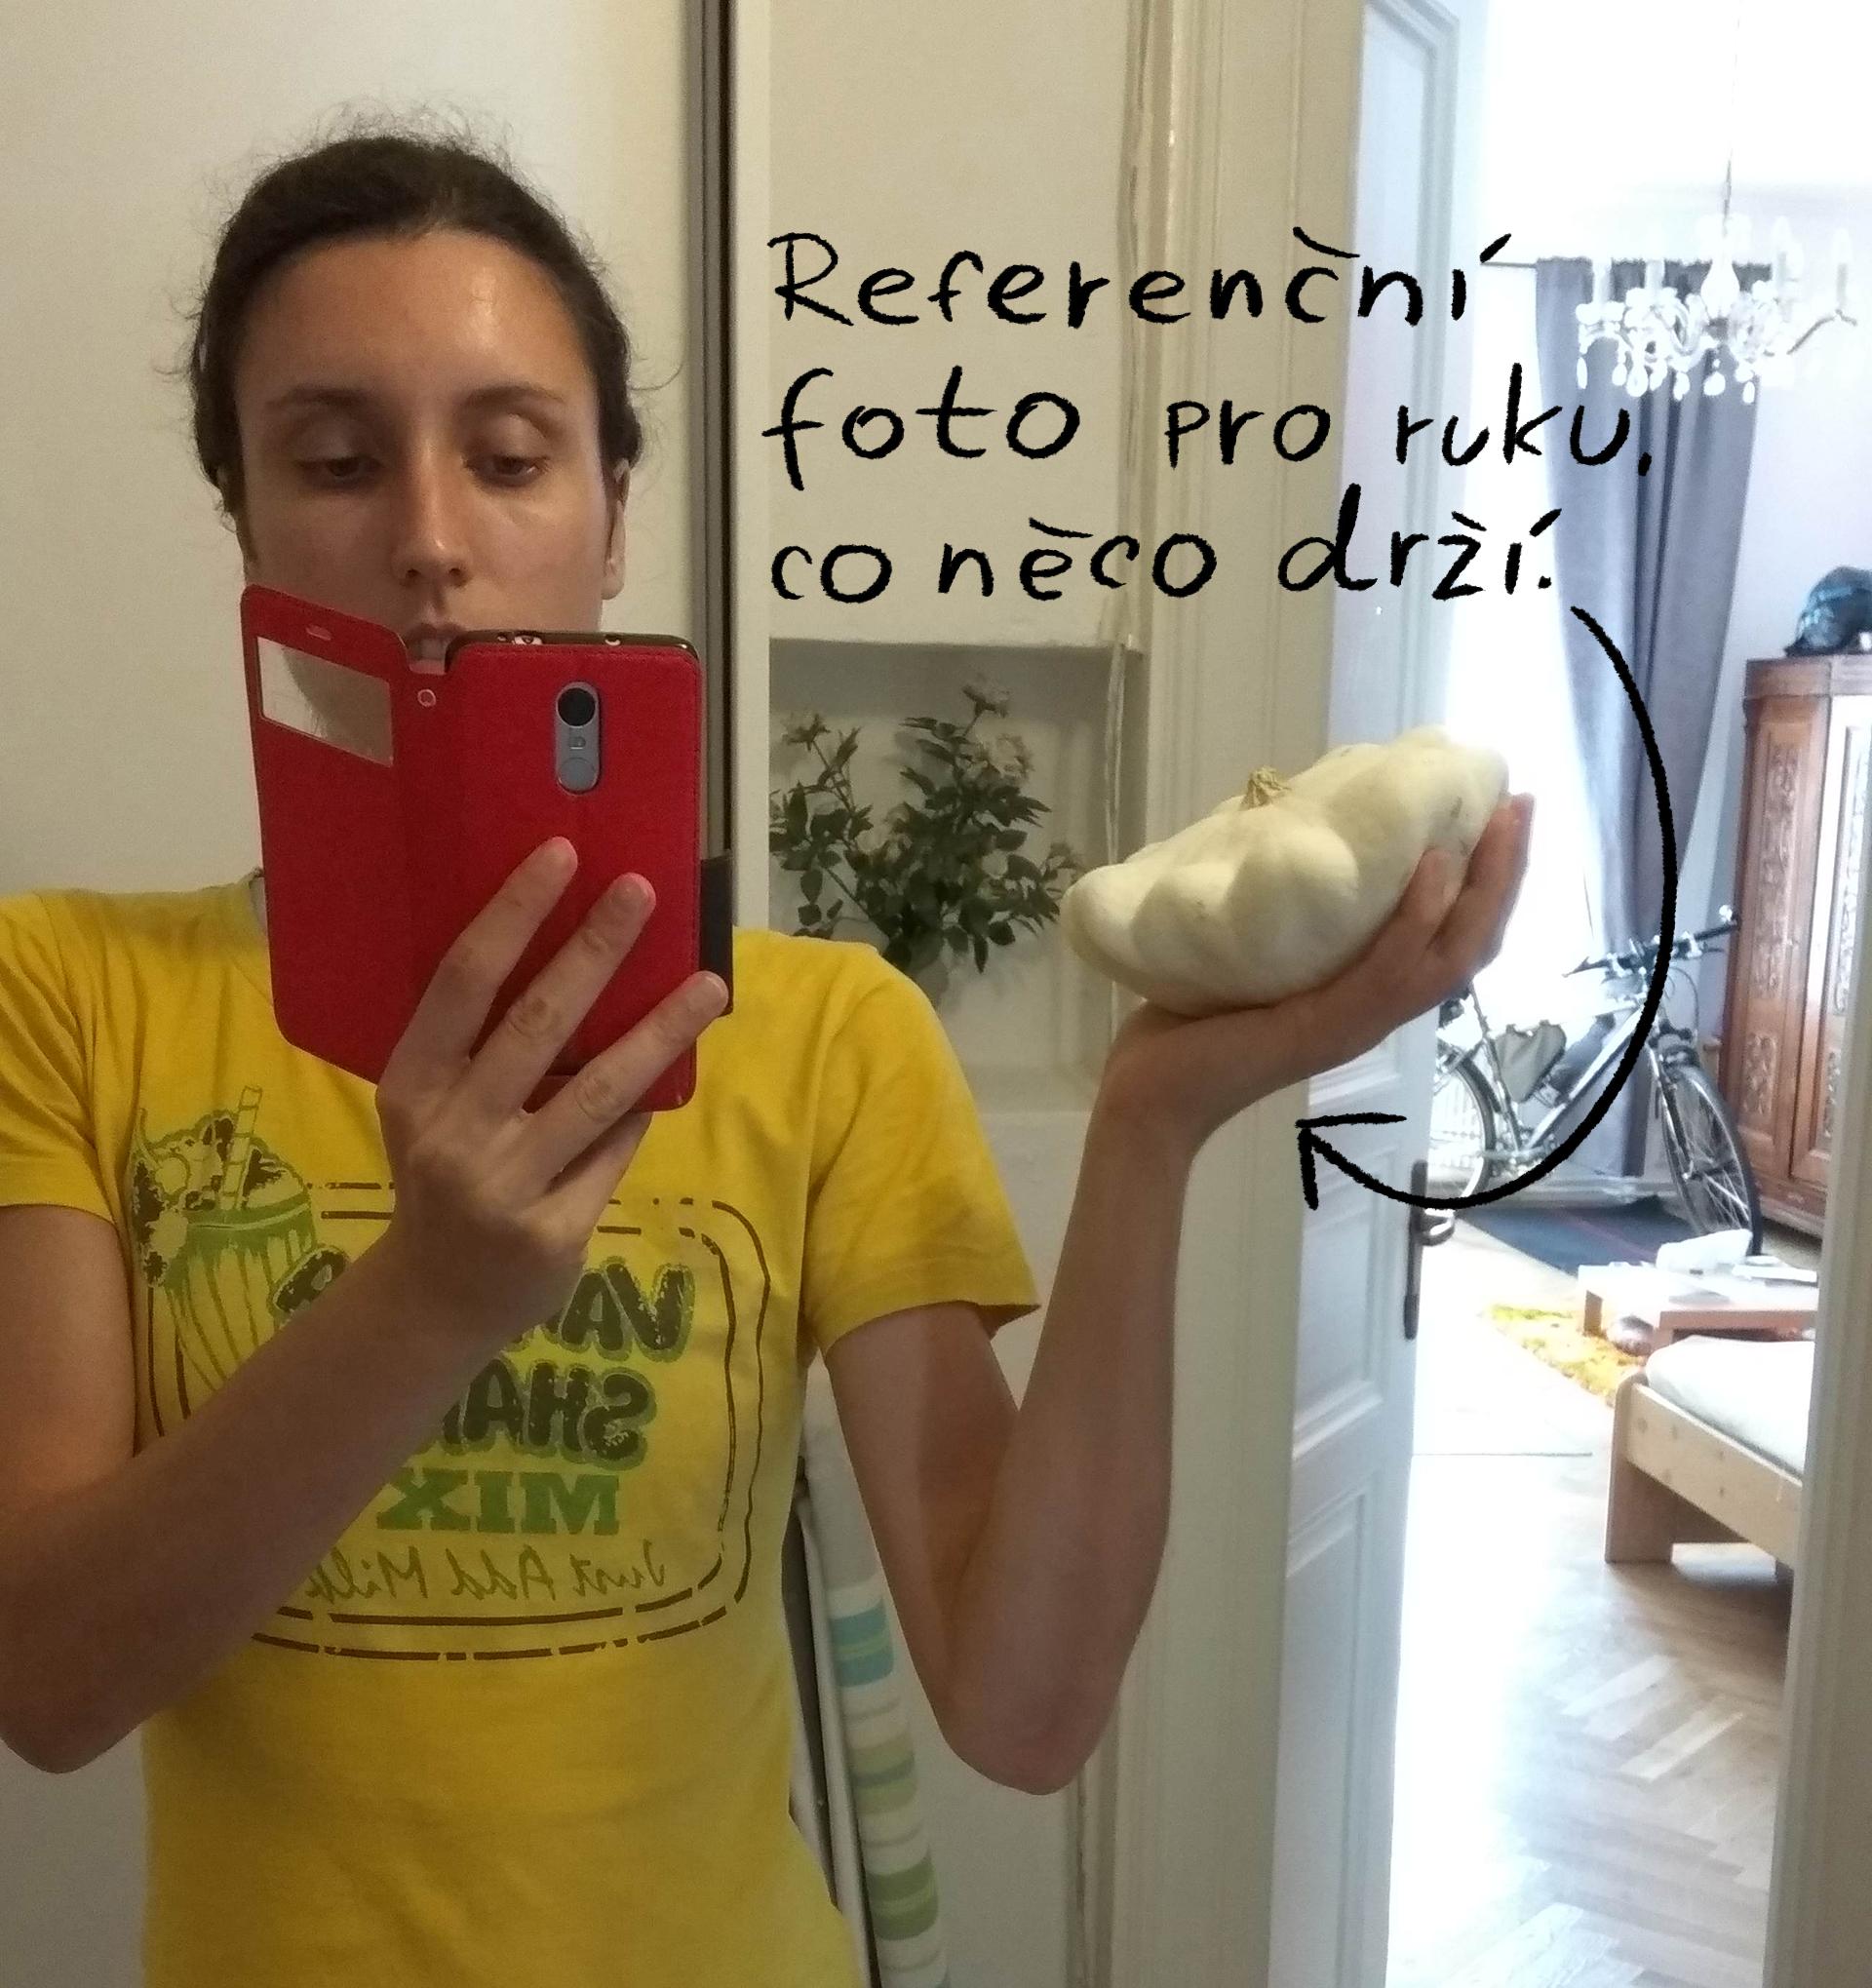 Odhalení utajených selfíček